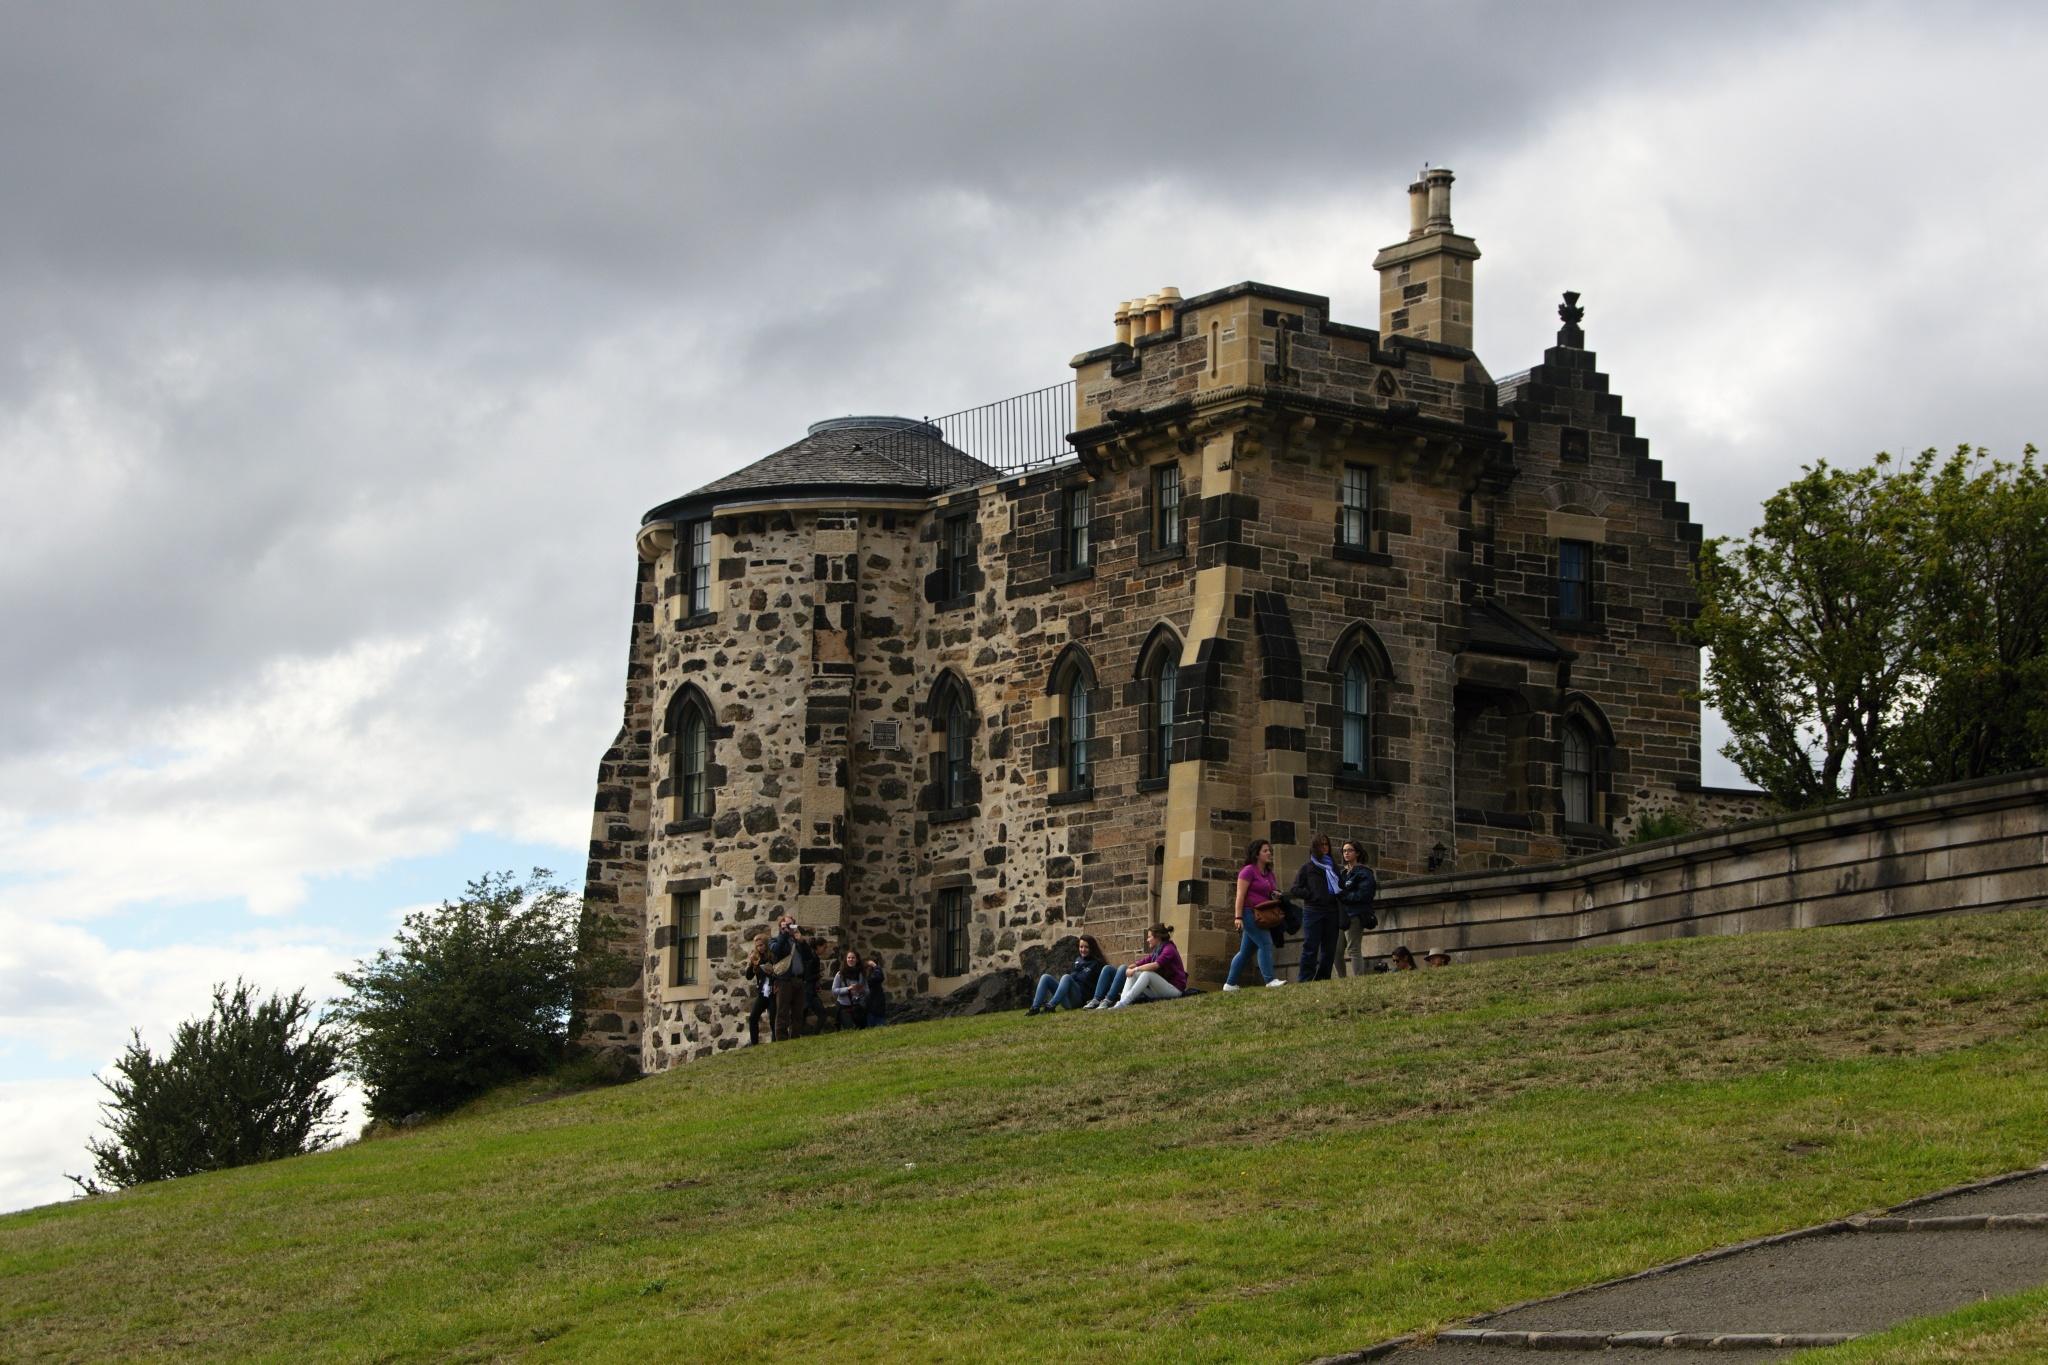 Stará observatoř, Gotický dům